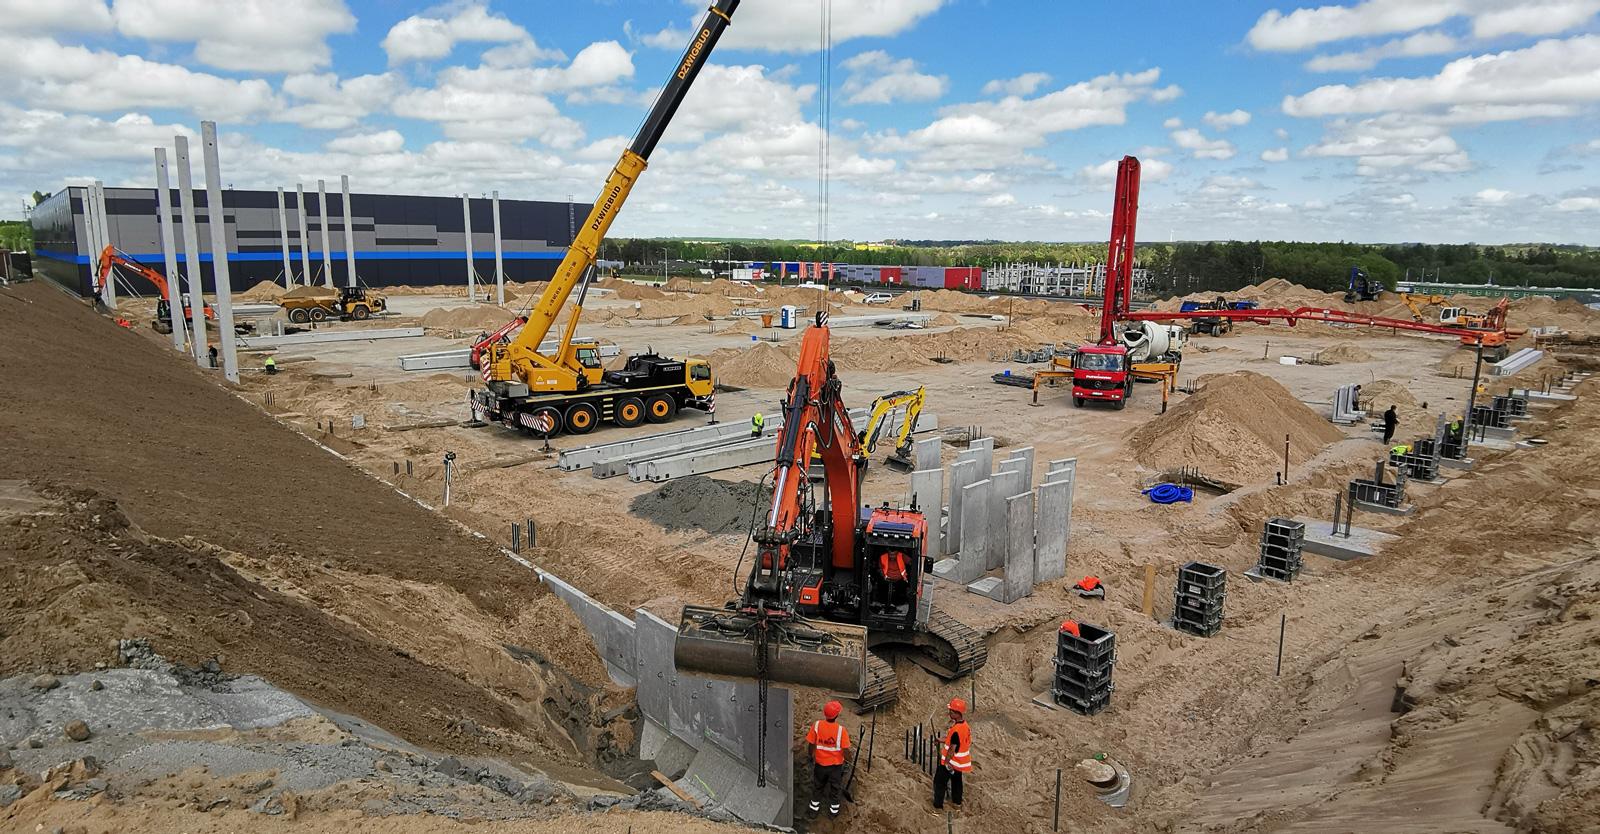 montaż prefabrykowanych elementów konstrukcji - hala logistyczna, dla Indeka Logistic City, Płaszewko k. Słupska, woj. pomorskie